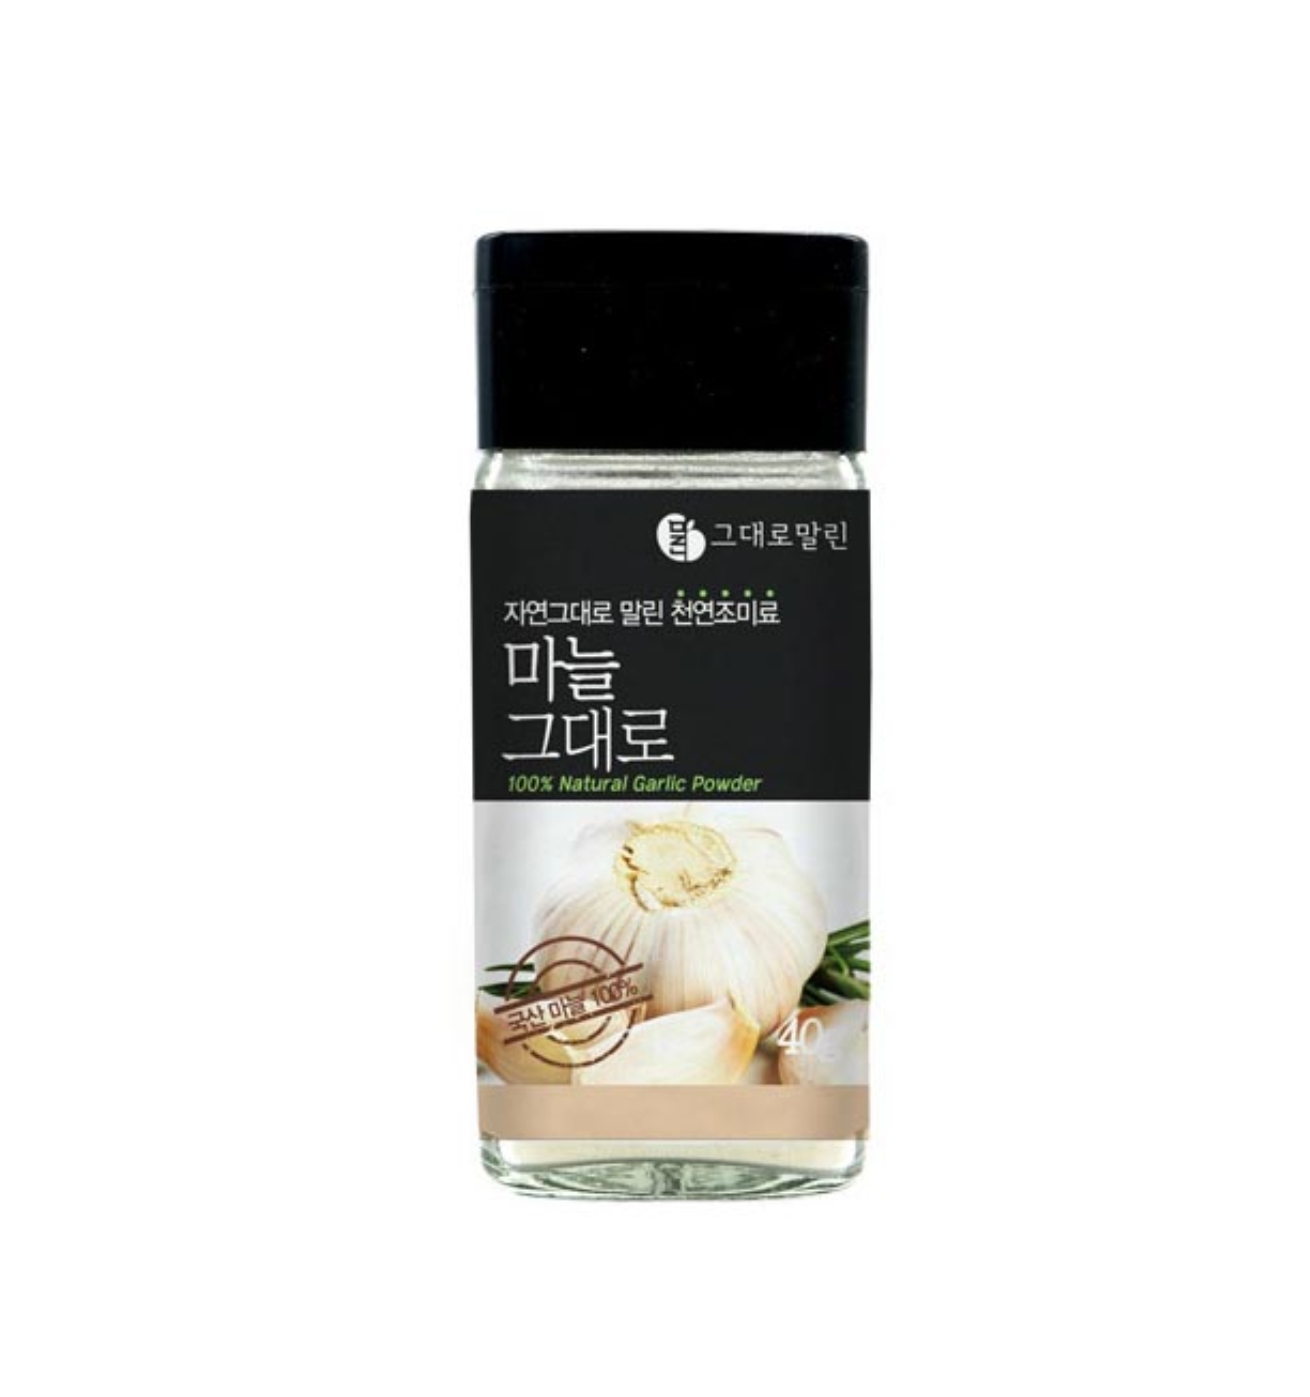 [1+1]재료 그대로 말린 표고버섯/청양고추/생강/마늘 골라담기 대표이미지 섬네일